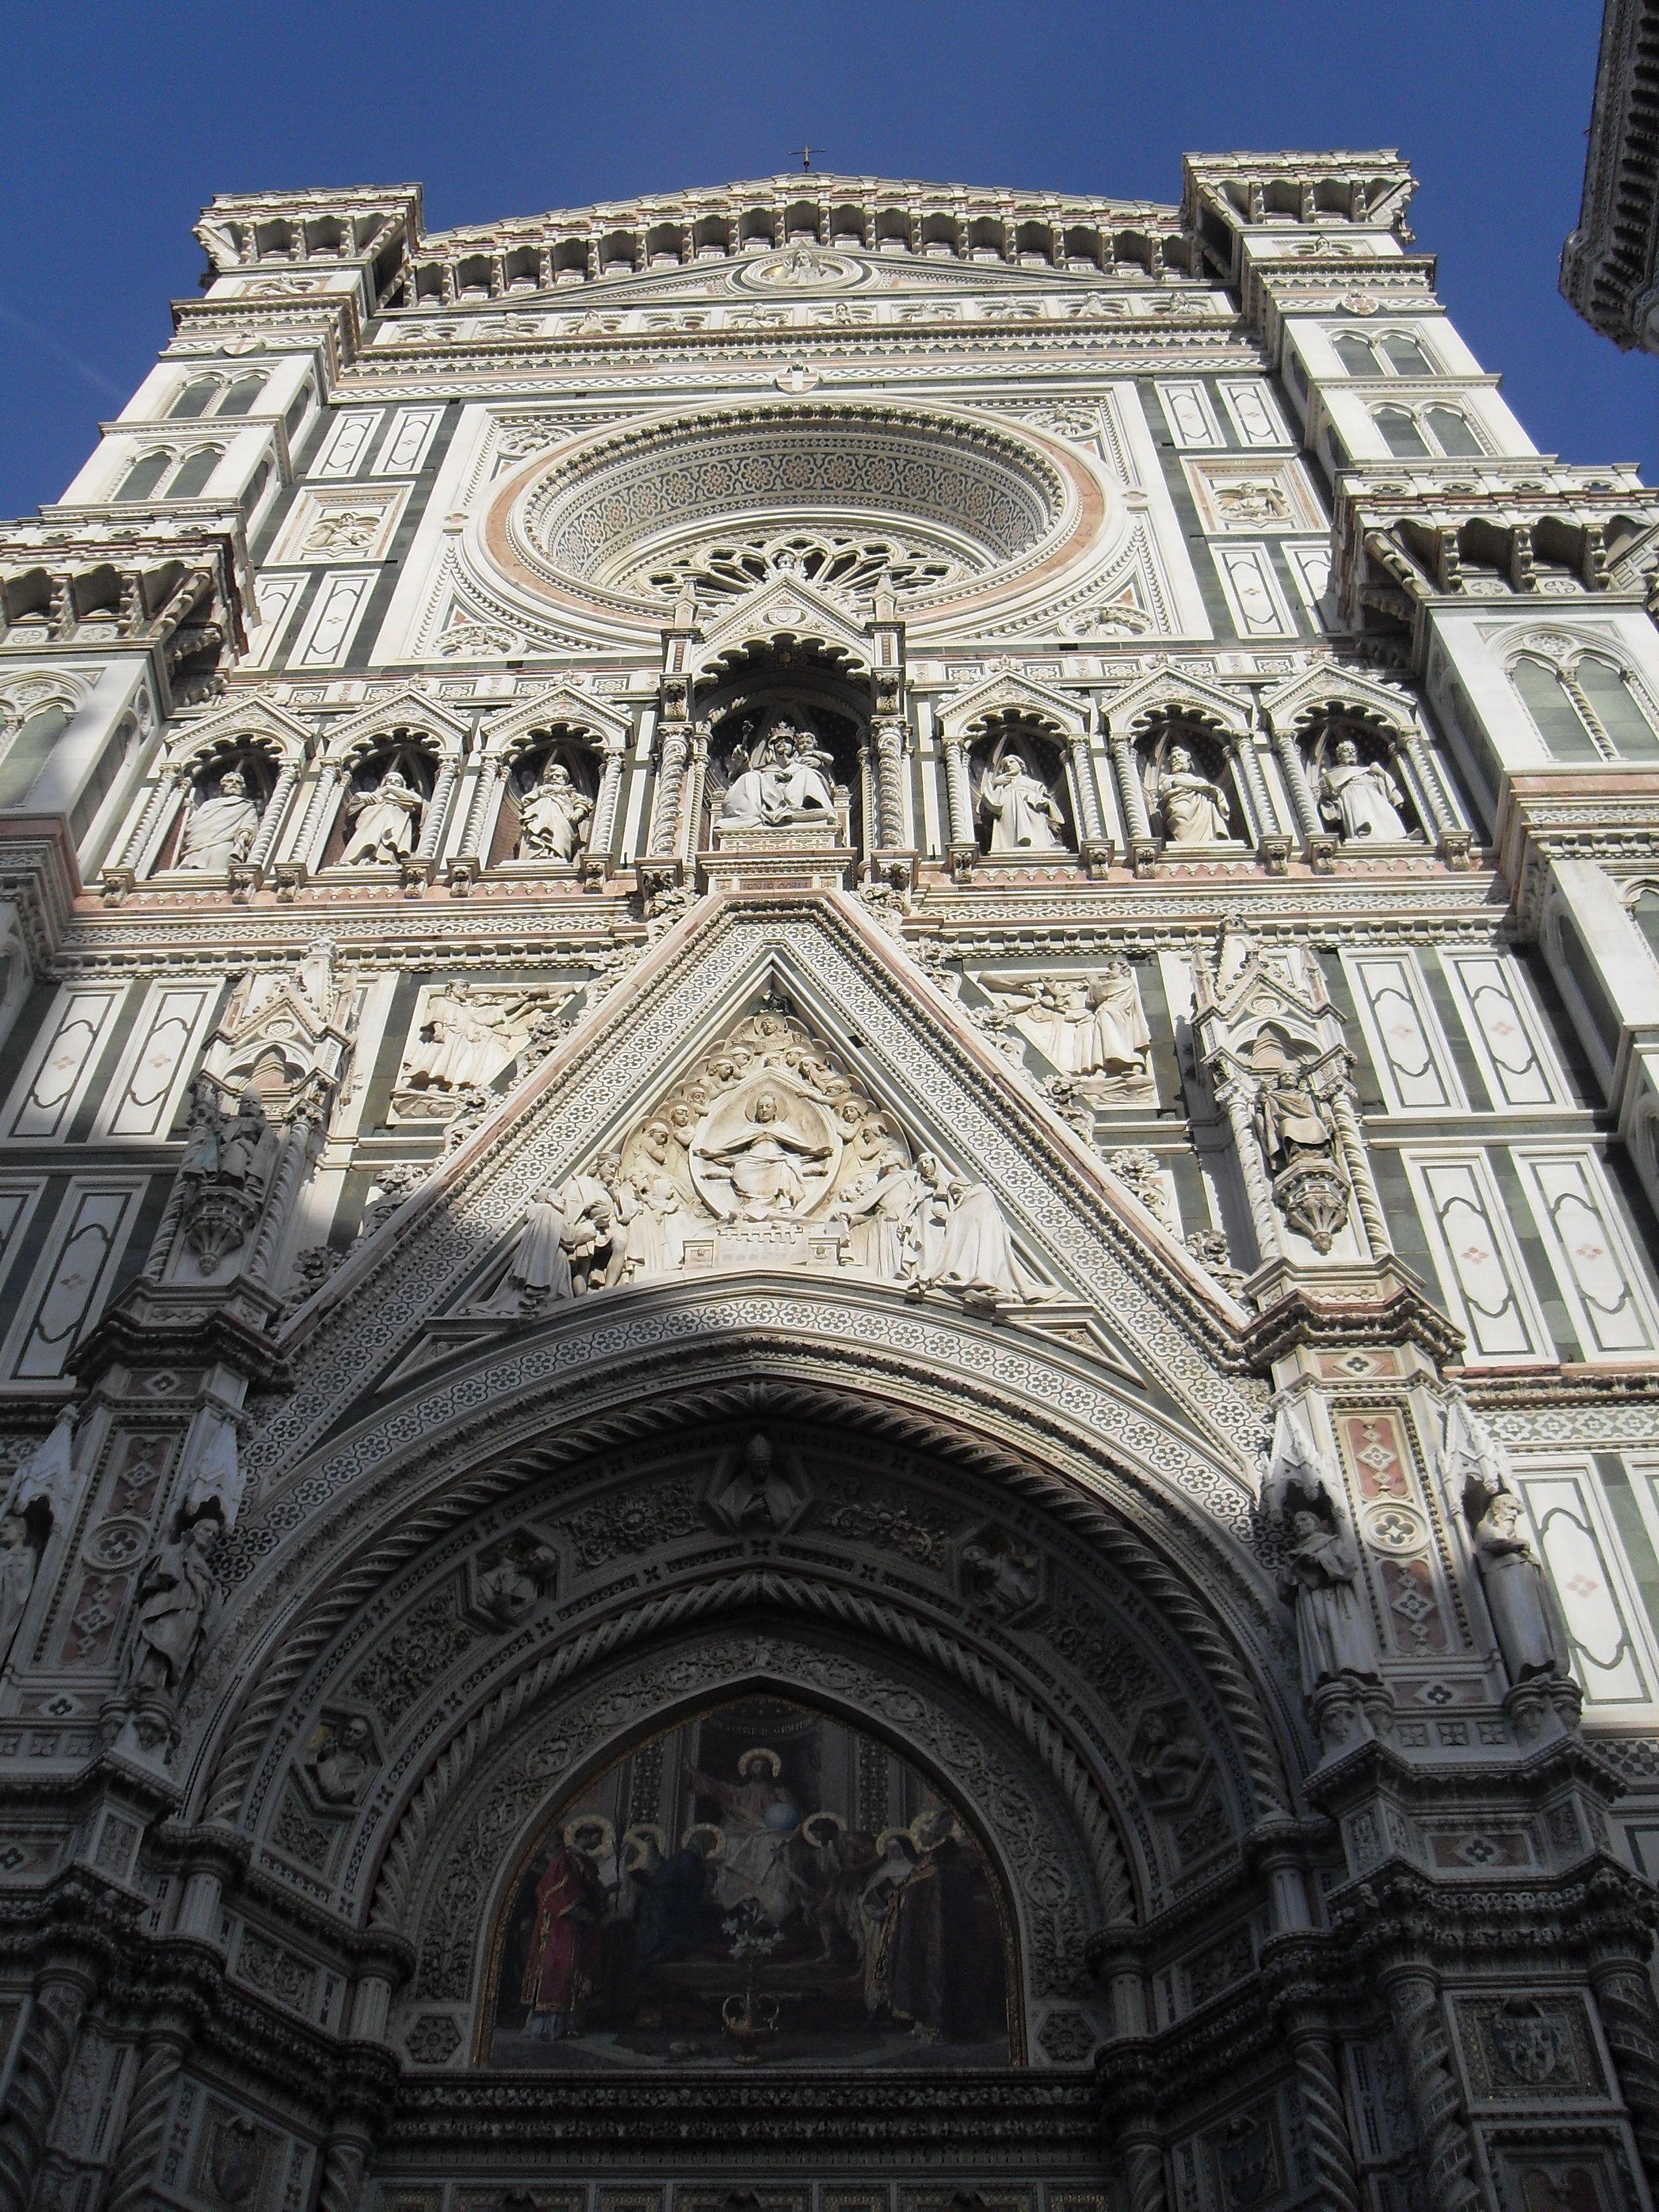 Cattedrale di Santa Maria del Fiore (Duomo), Florence - Italy